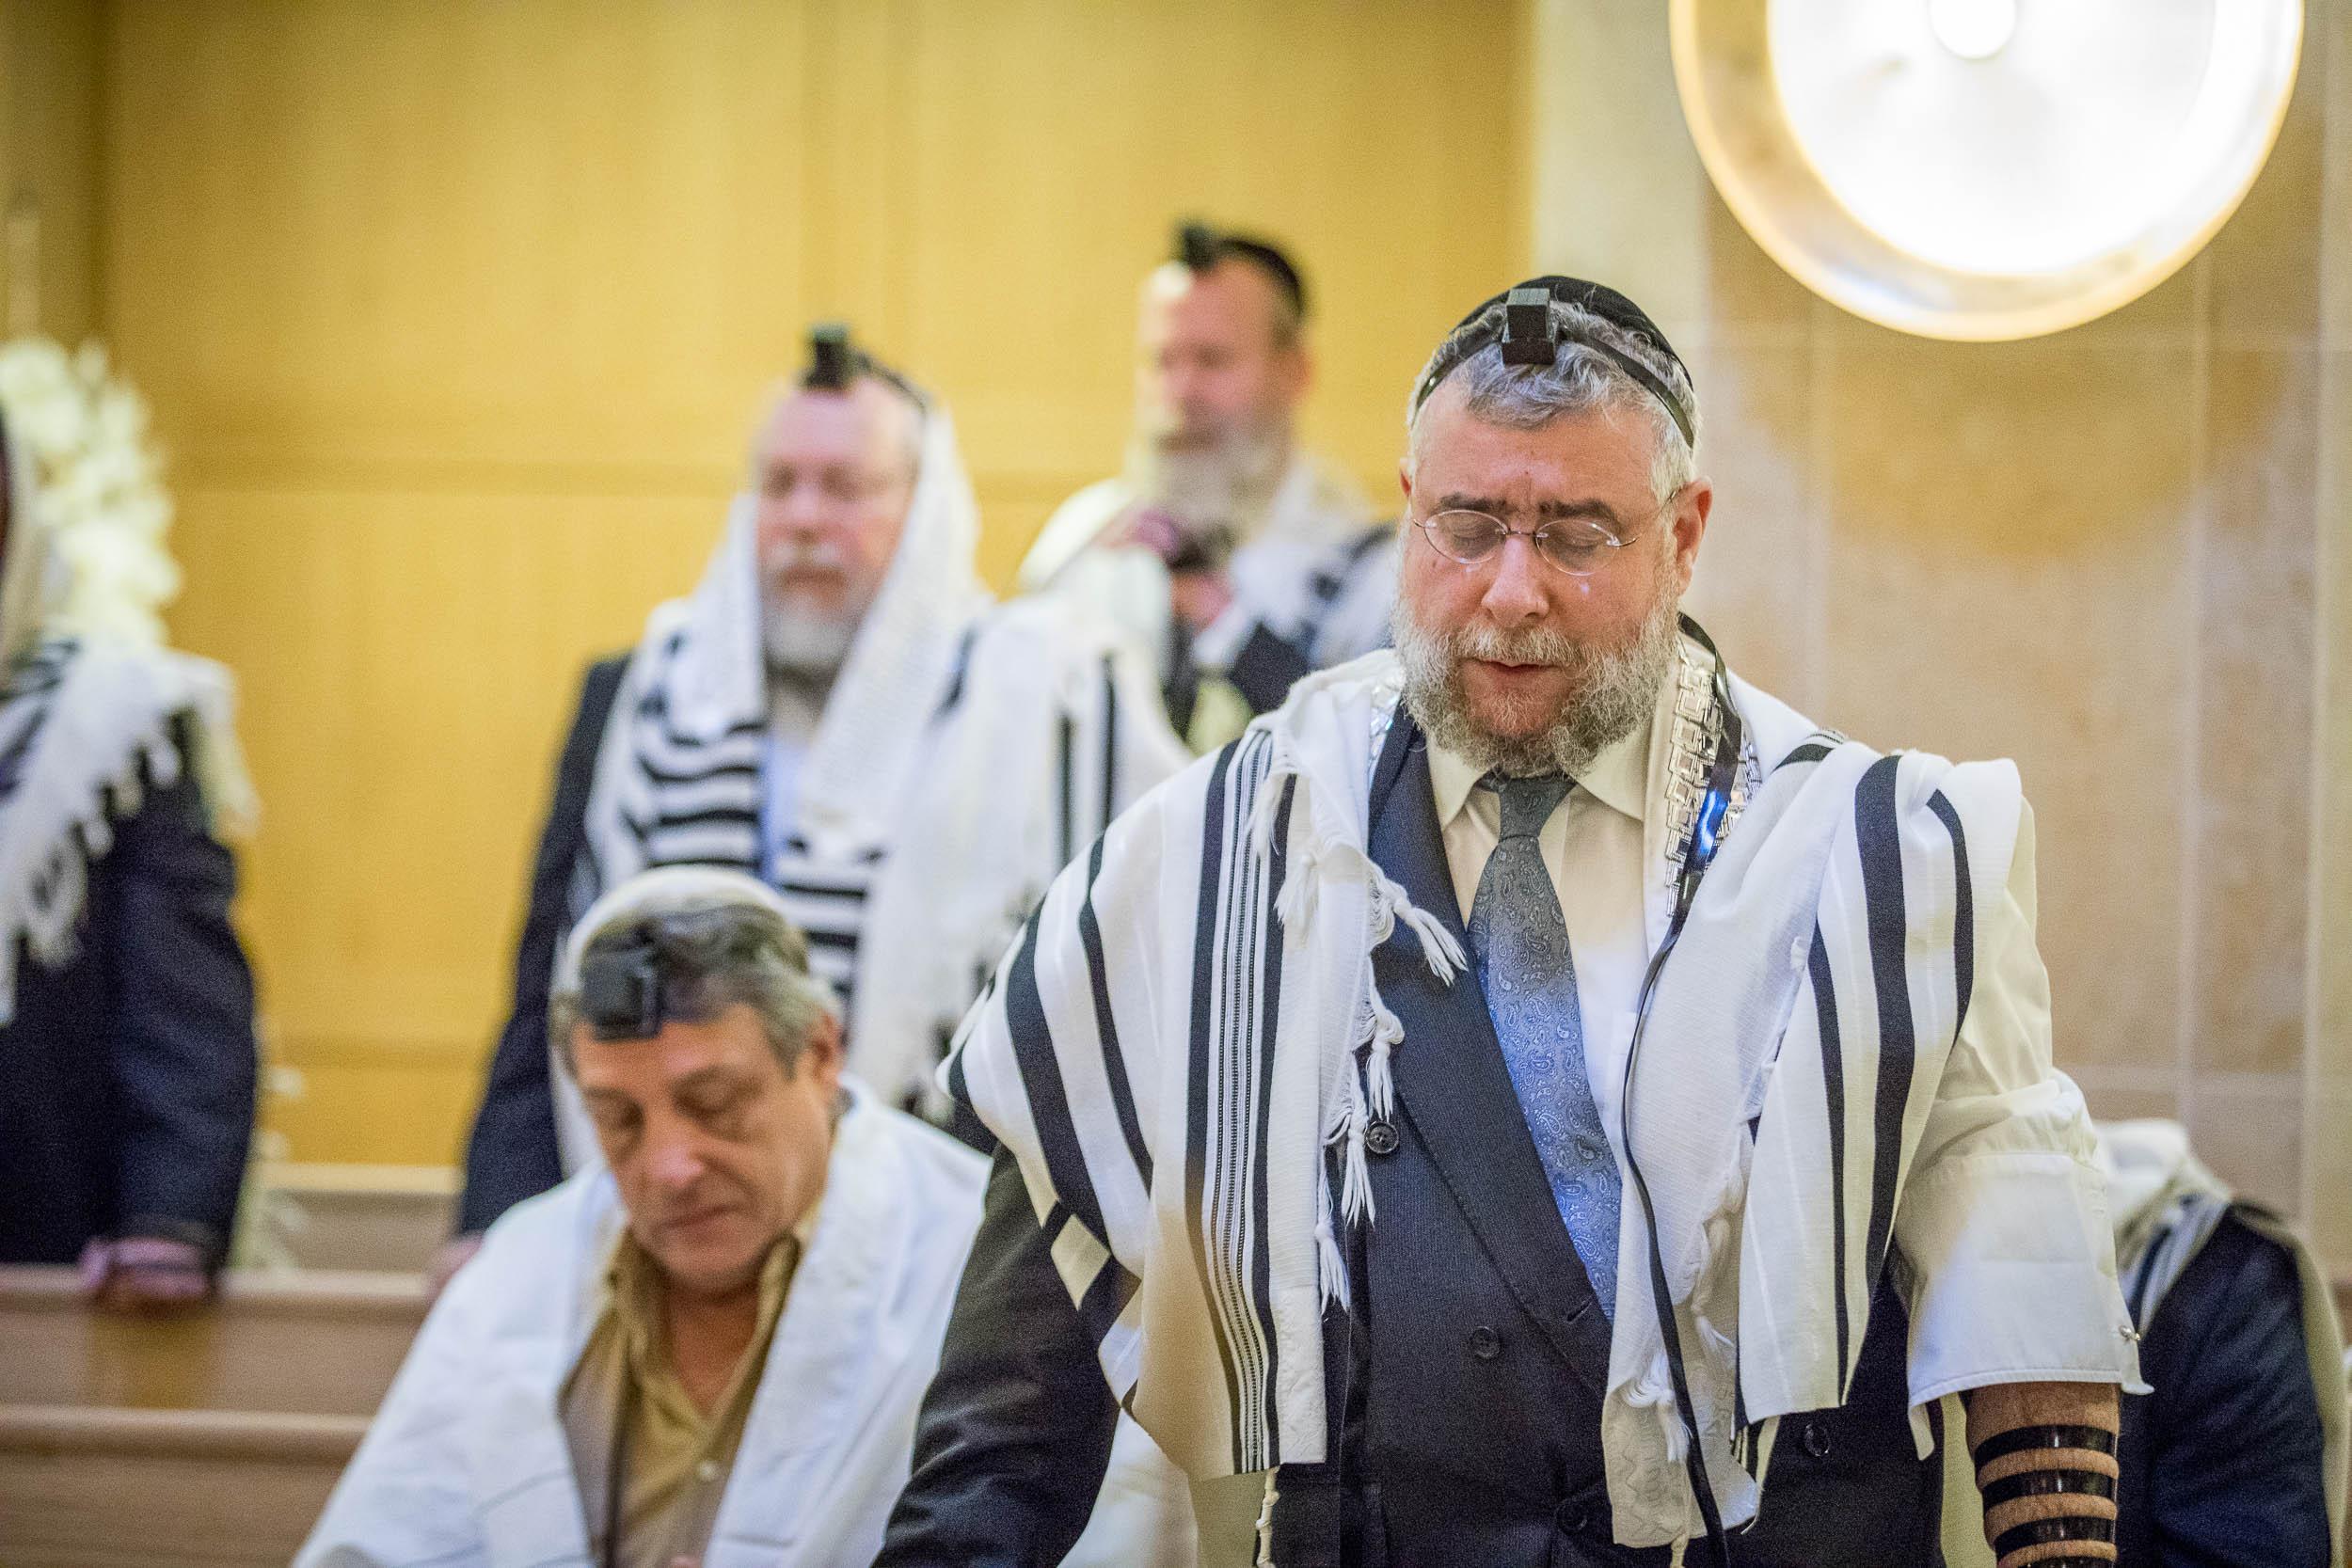 הרב גולדשמיט